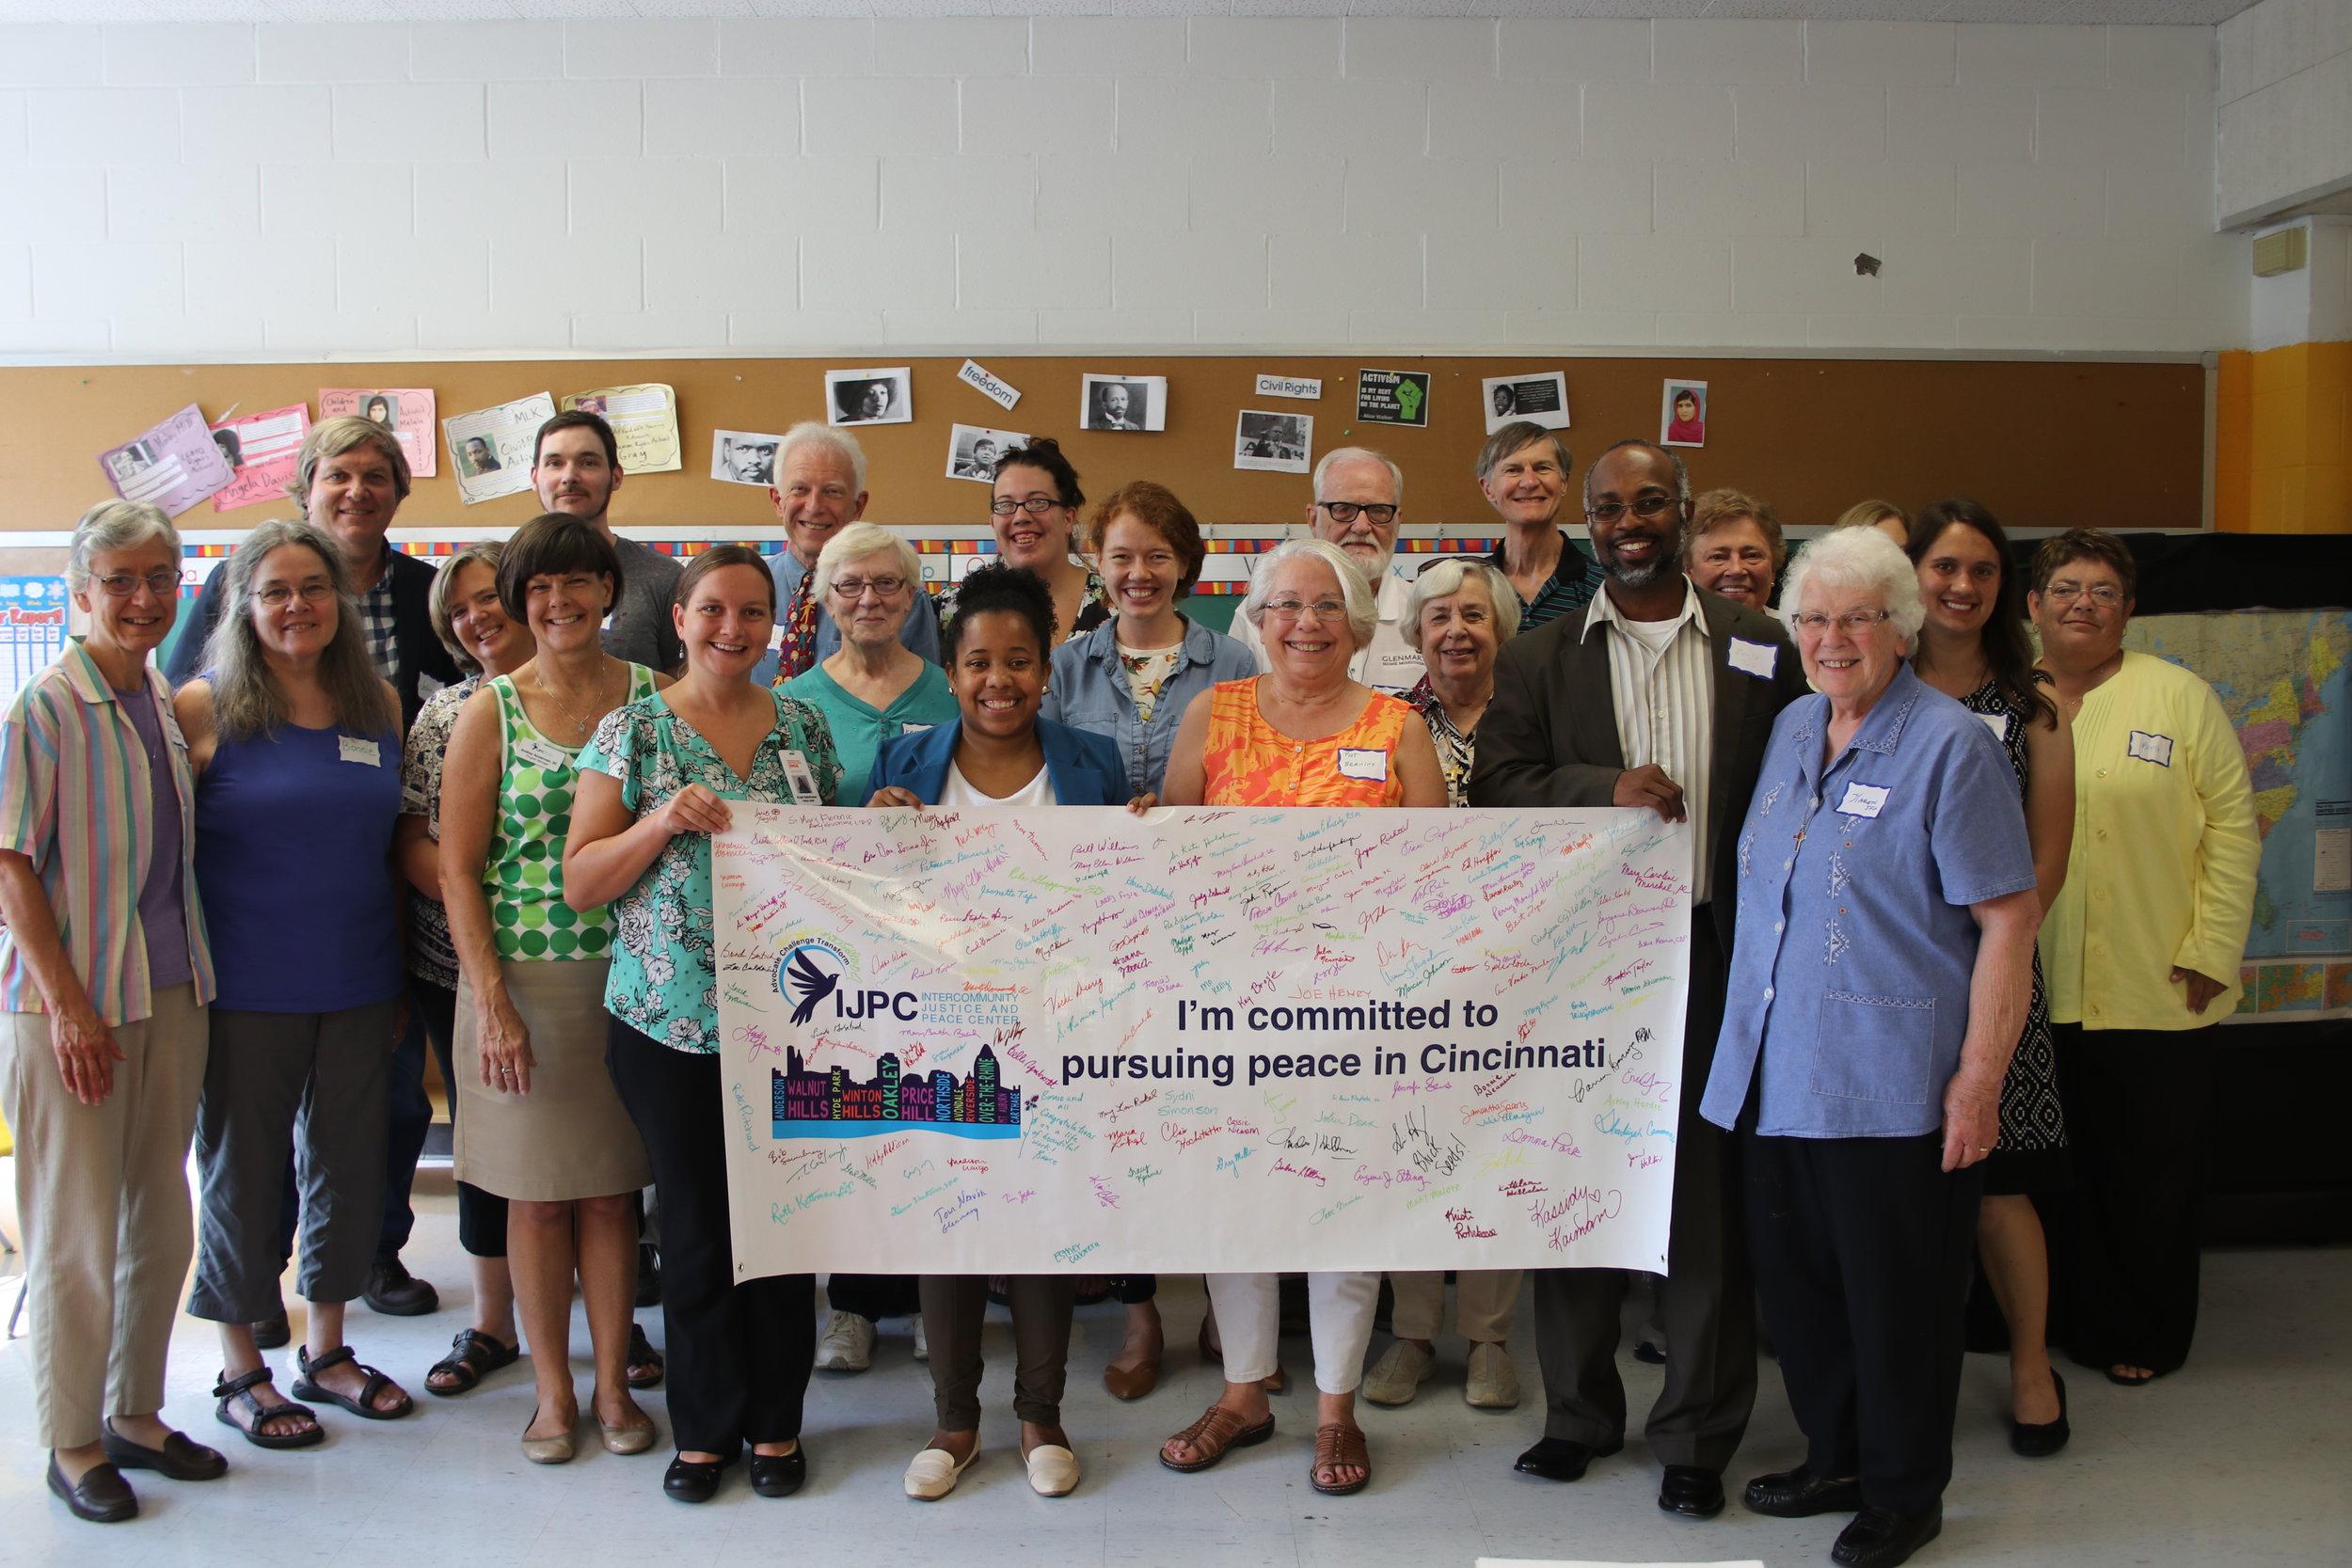 Launch of Nonviolent Cincinnati